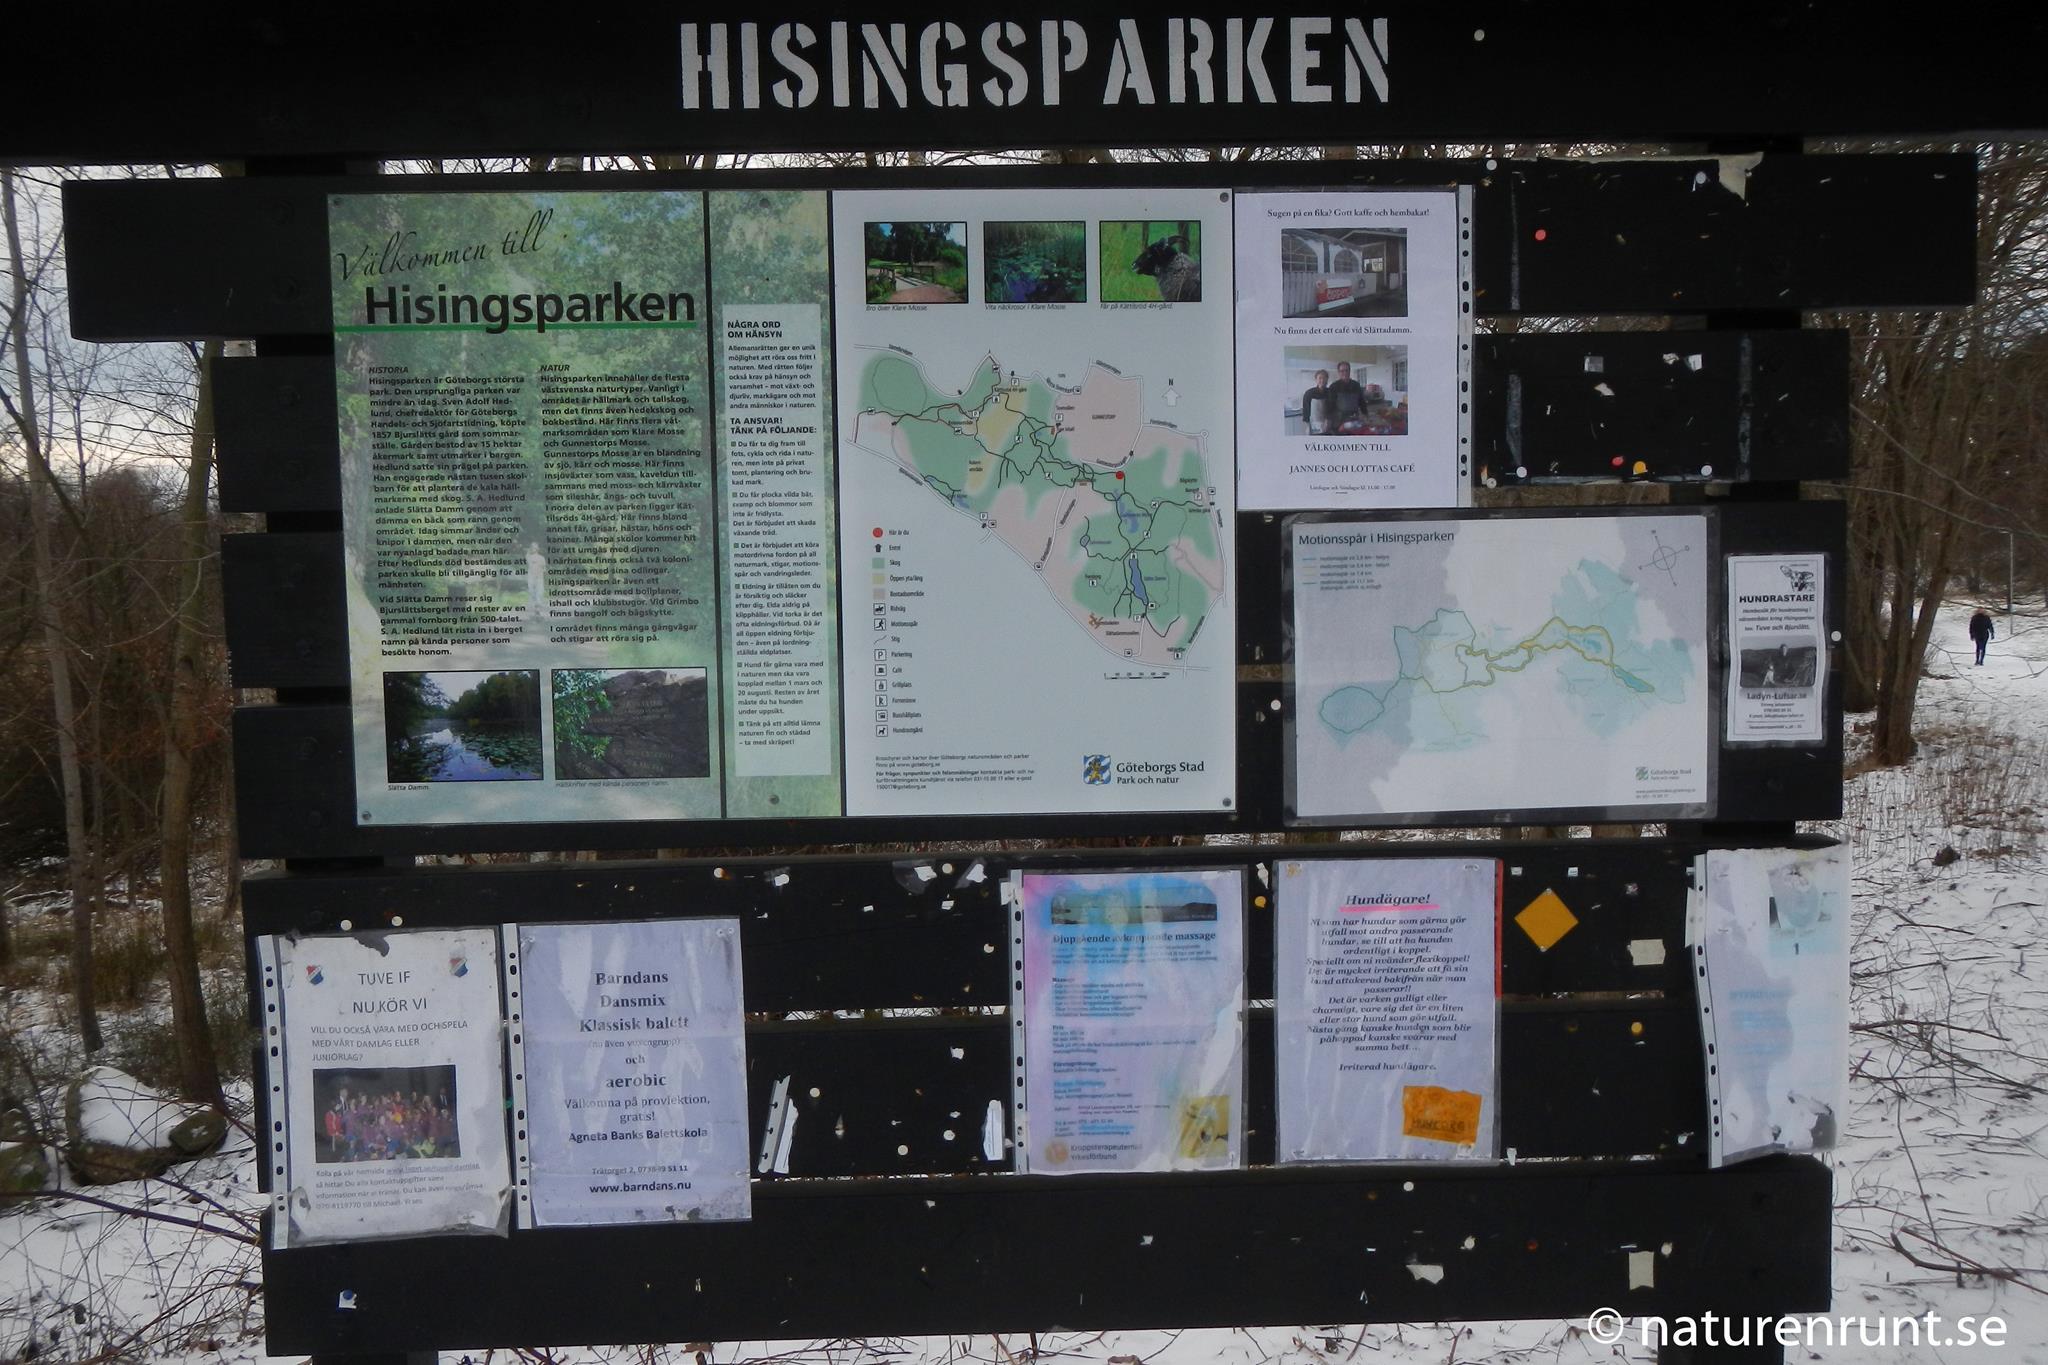 Karta - översikt över Hisingsparken